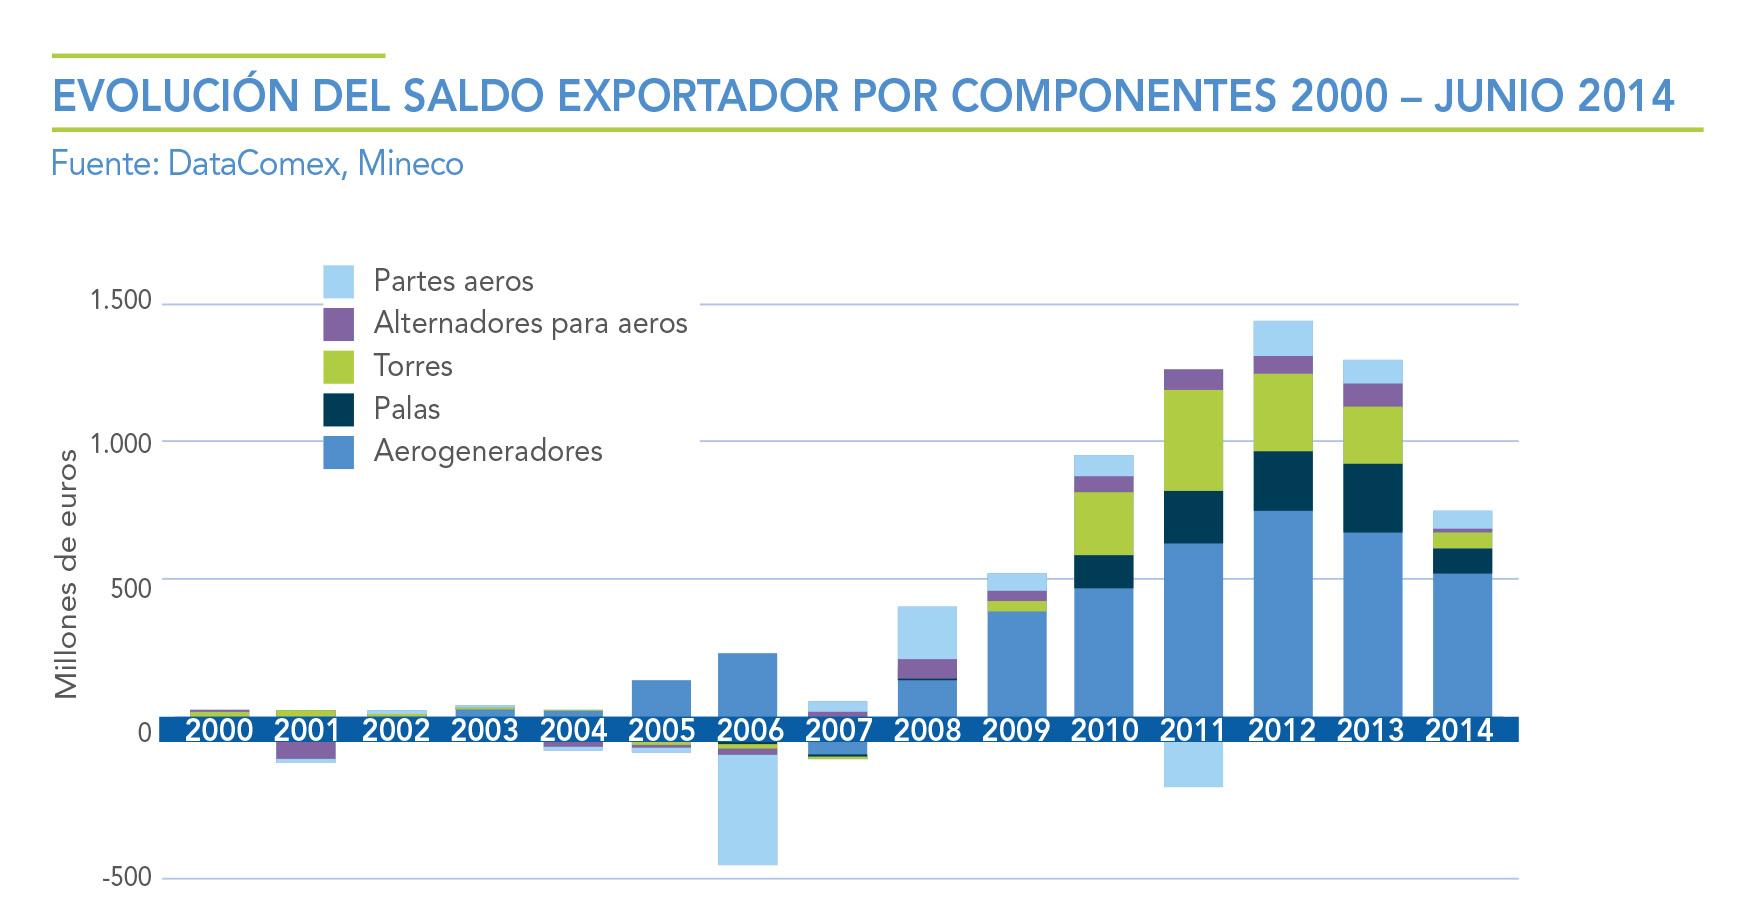 EVOLUCION-DEL-SALDO-EXPORTADOR-POR-COMPETENTES-2000---JUNIO-2014